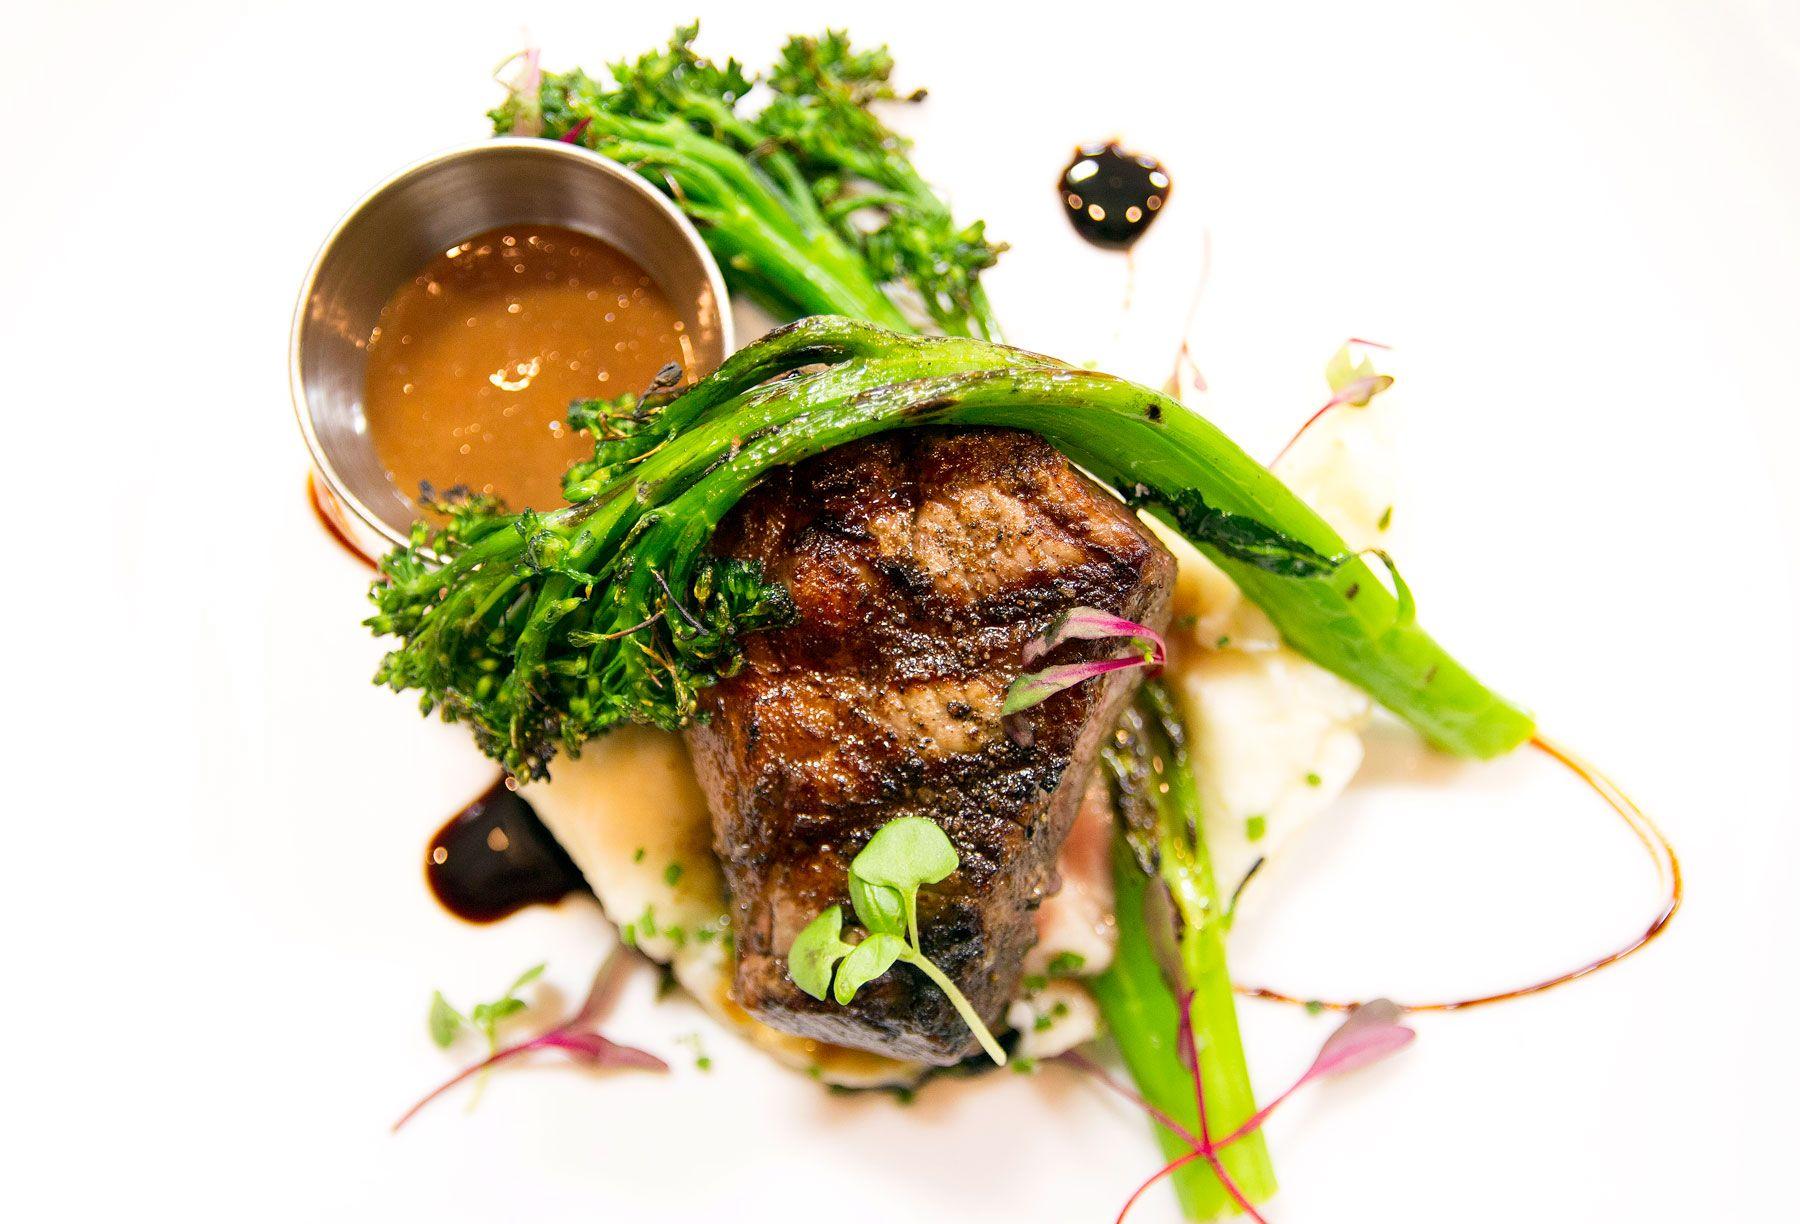 Zoes steak